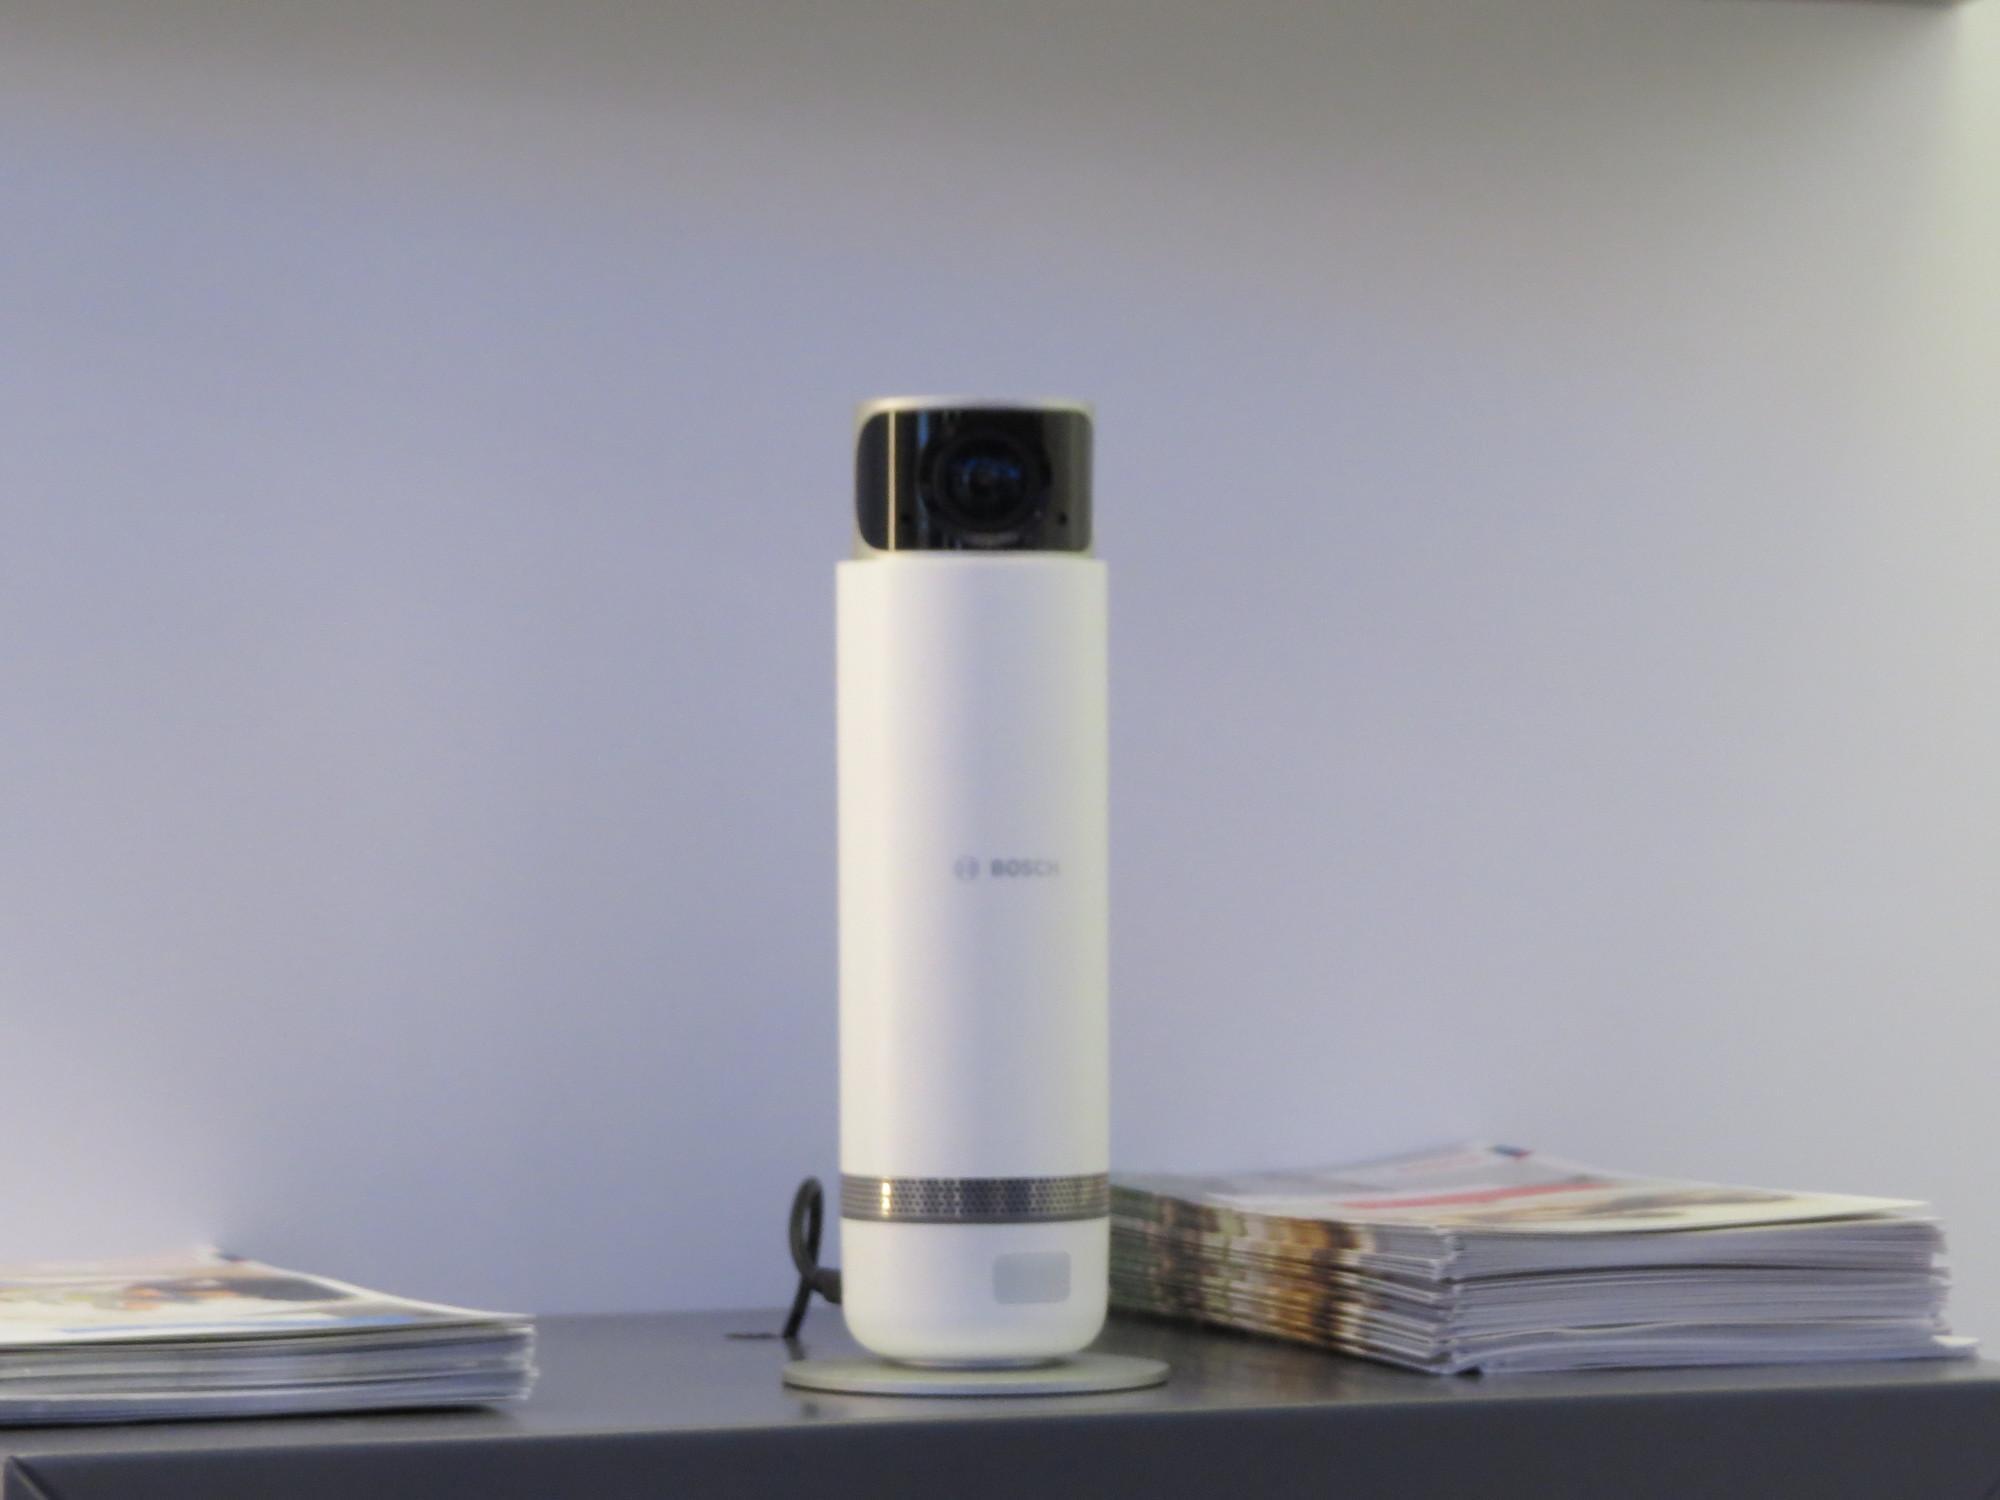 Die Überwachungskamera 360 soll ab April in Deutschland erhältlich sein.